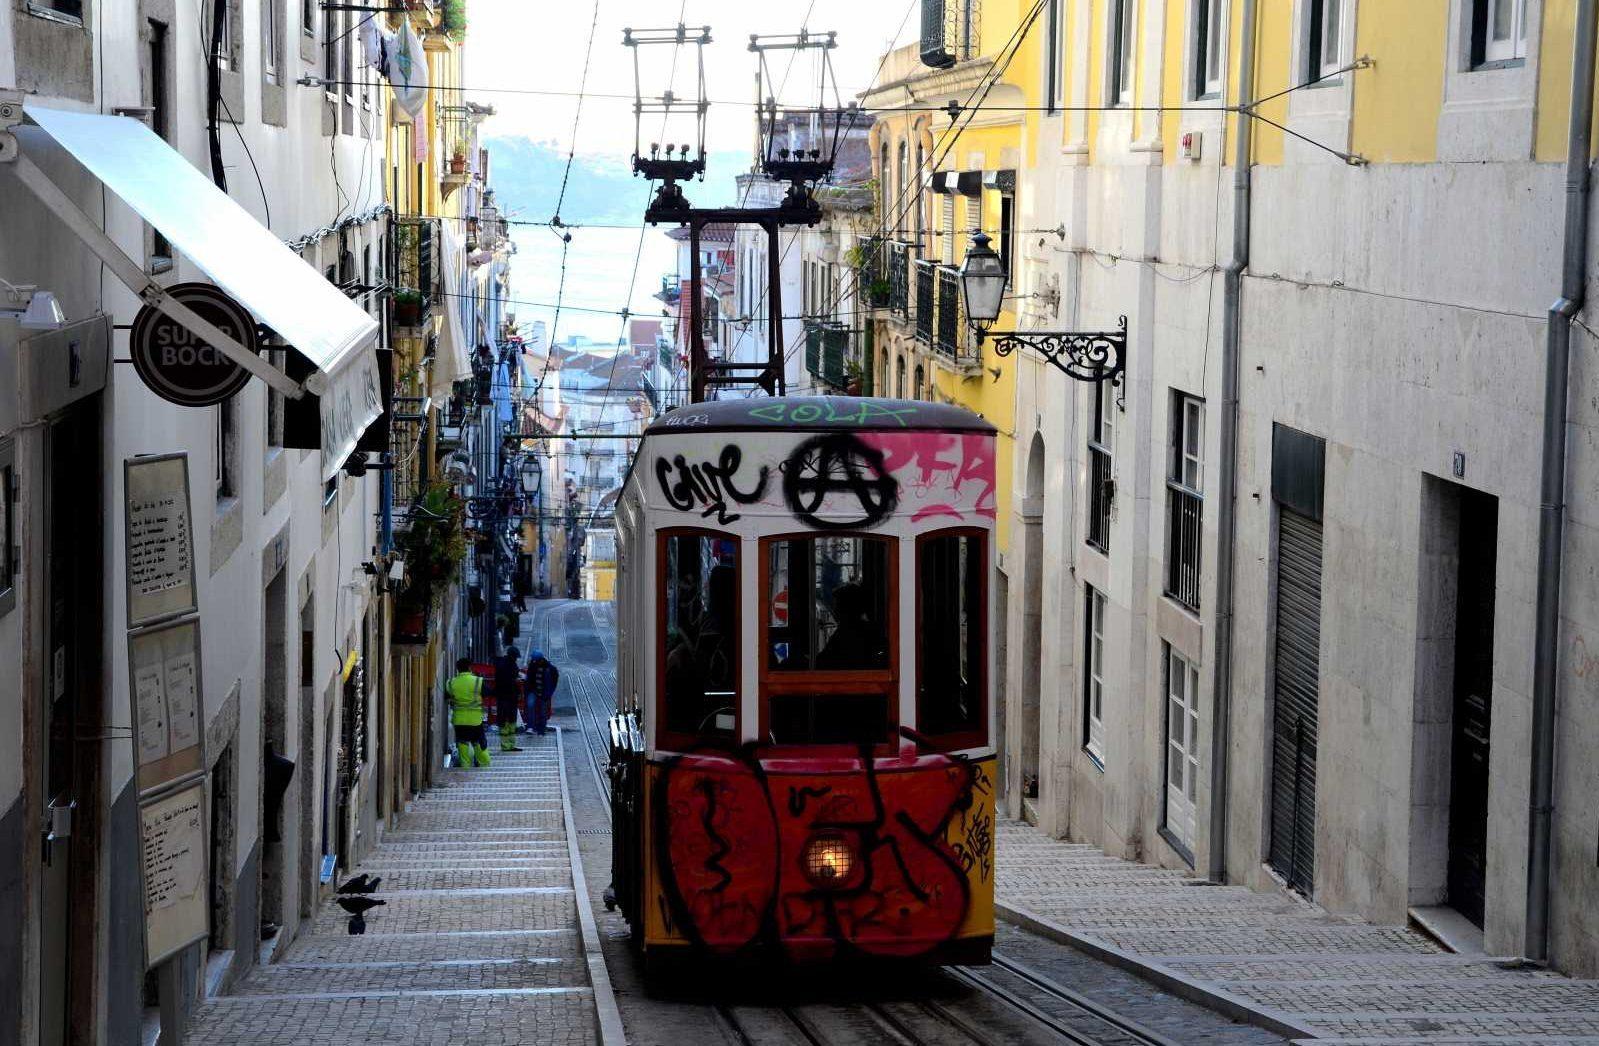 Portugal - Lisbonne - Ouverture